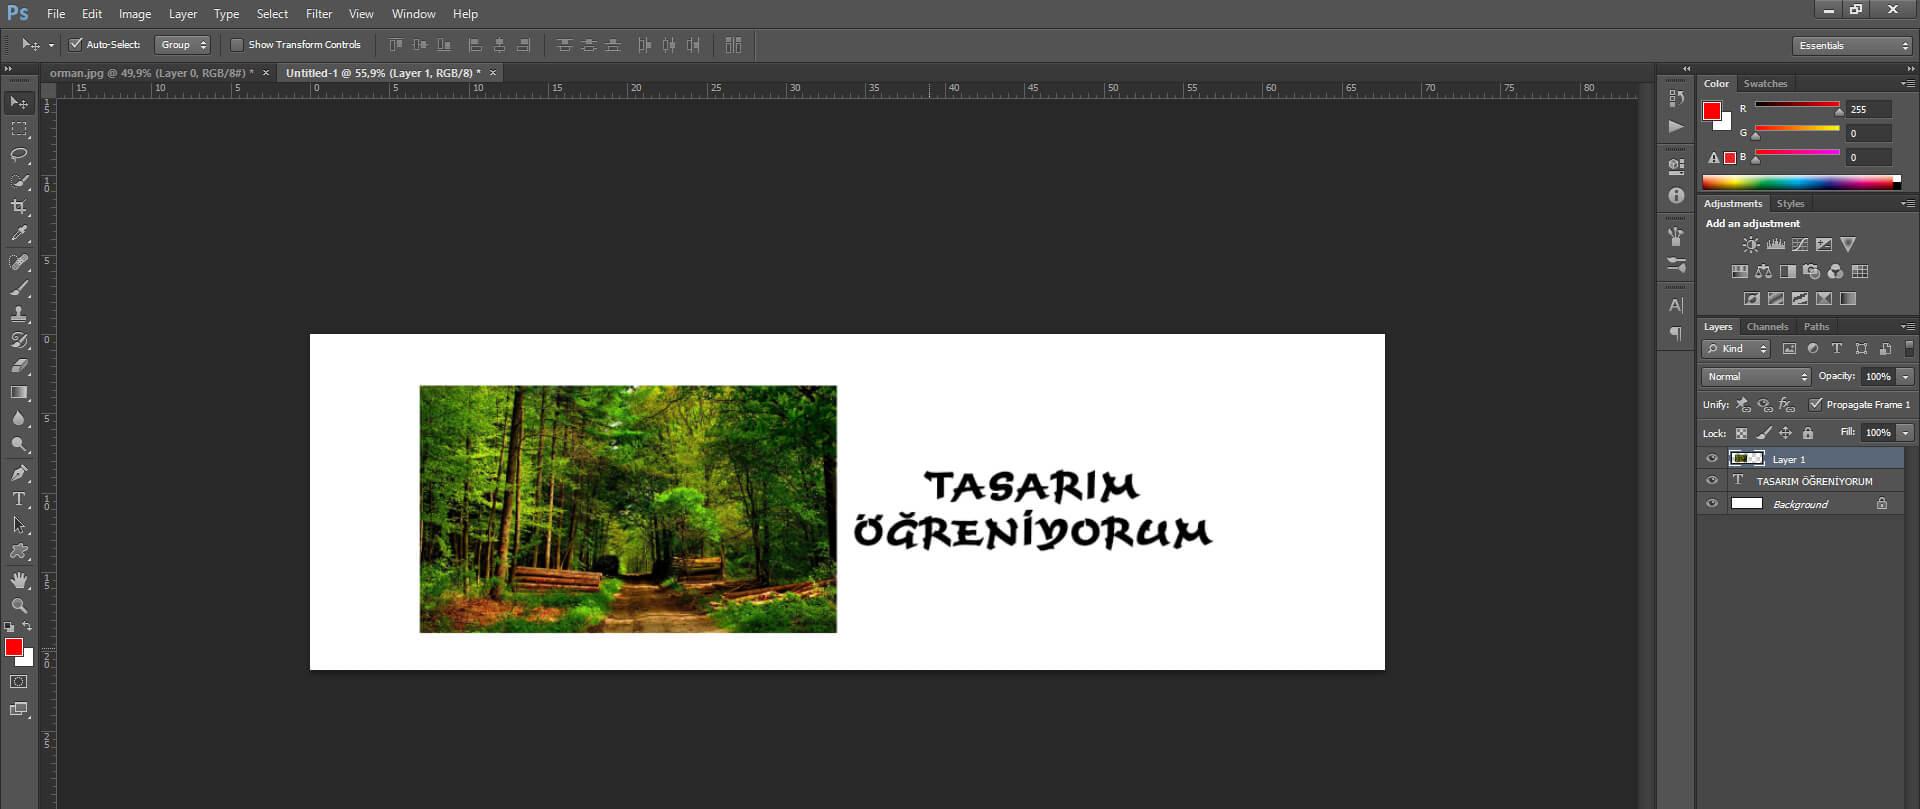 Photoshop Yazıya Resim Dokusu Vermenin Önemi Nedir ?